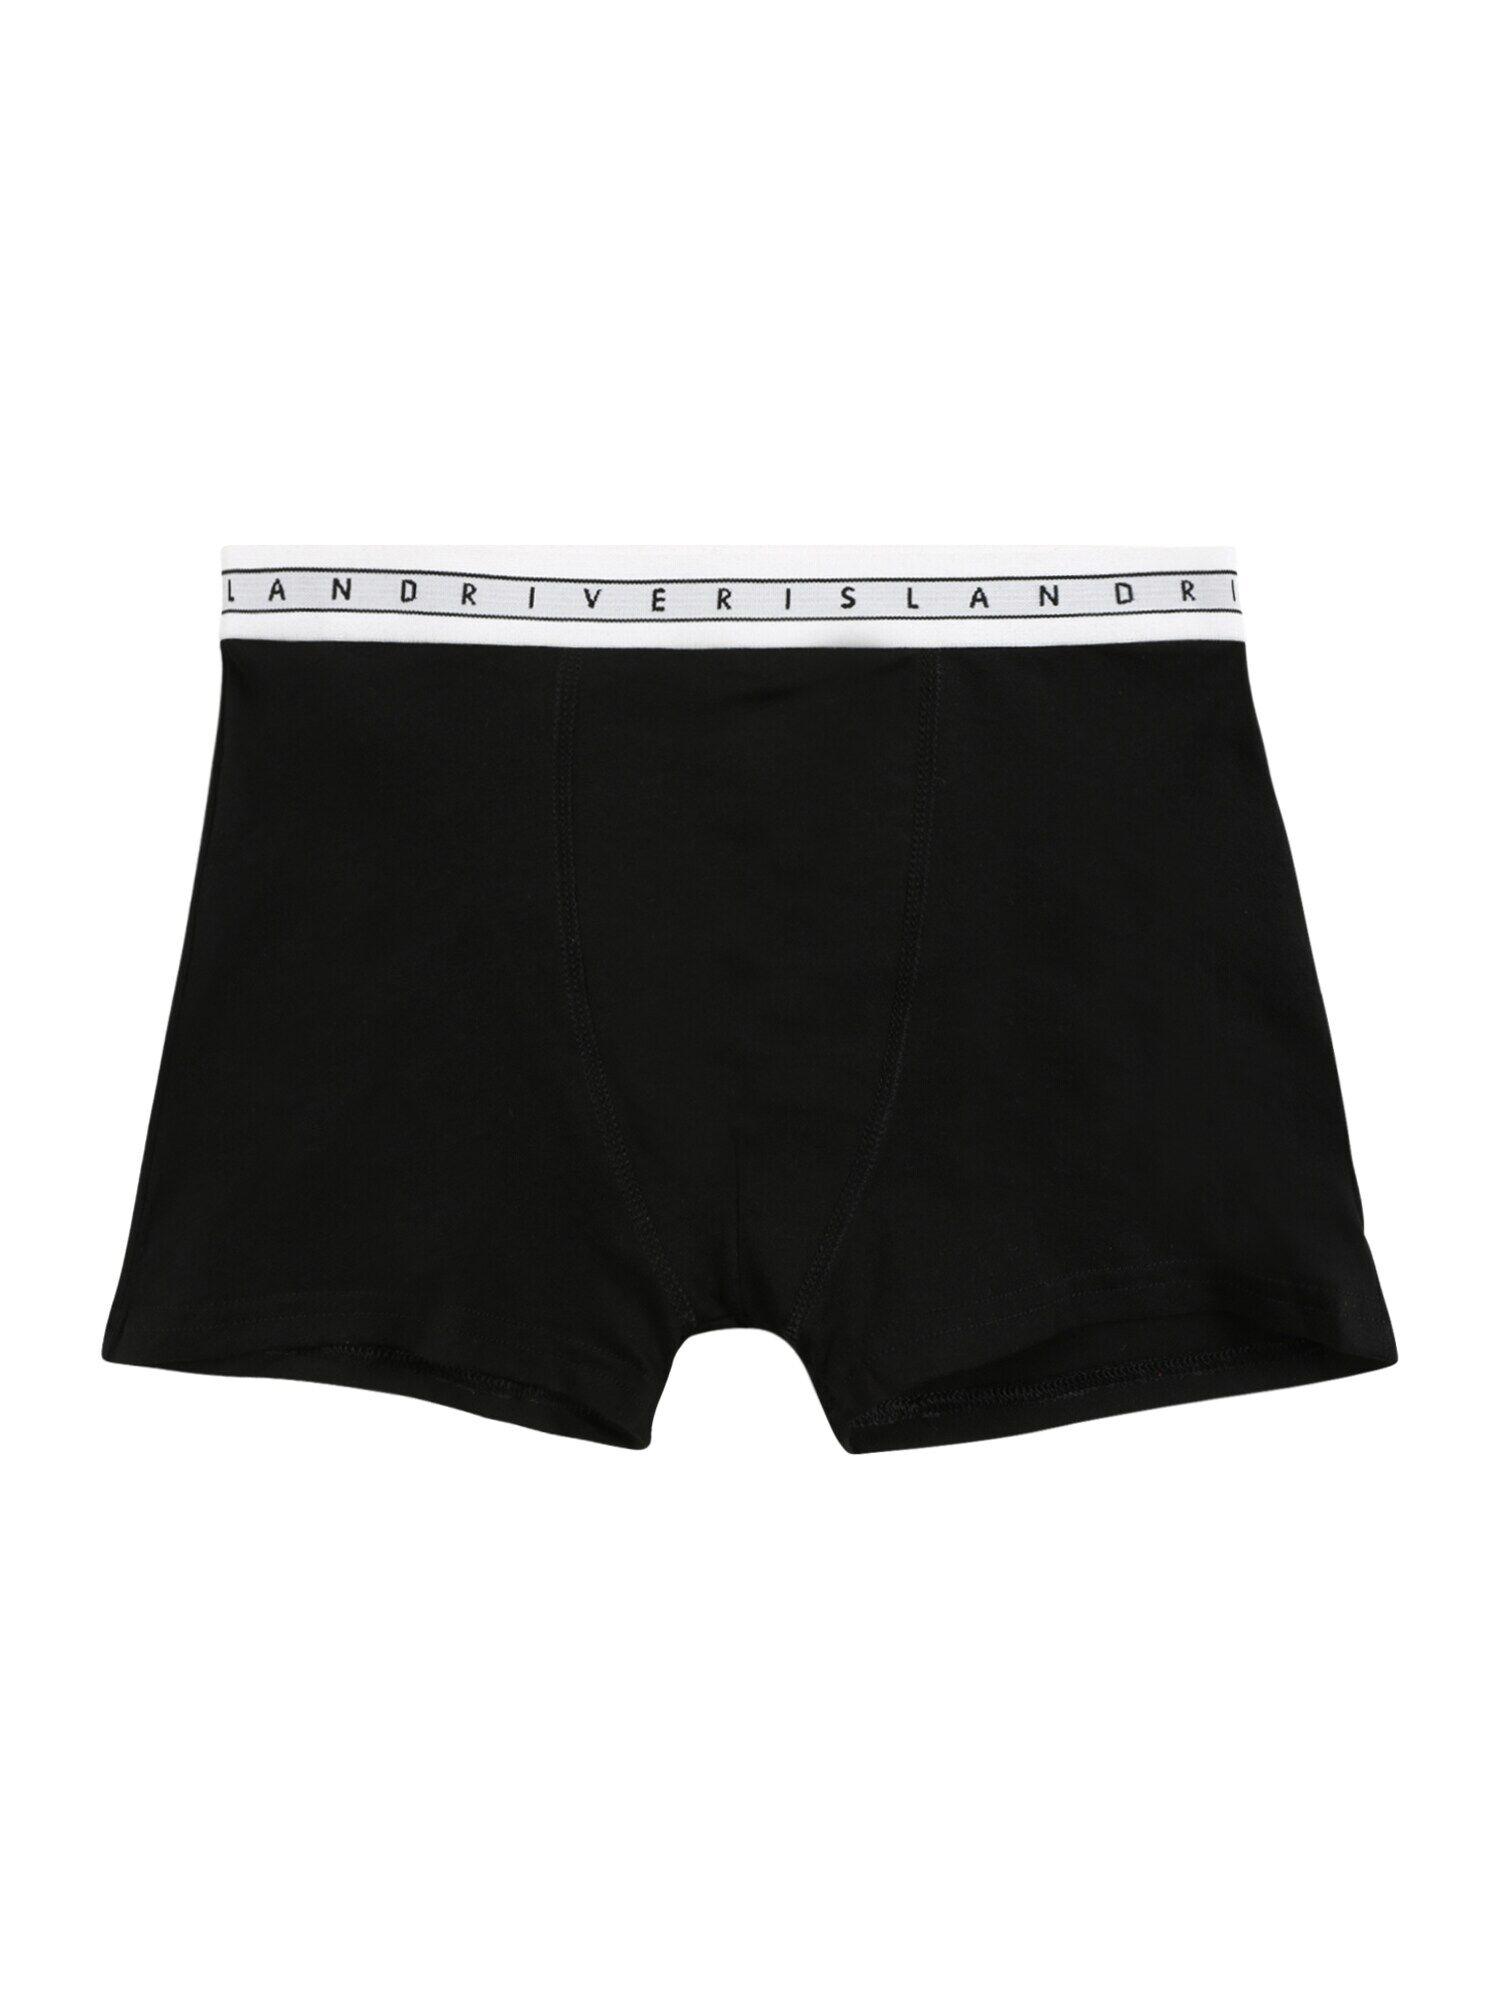 River Island Sous-vêtements  - Noir - Taille: 130-140 - boy